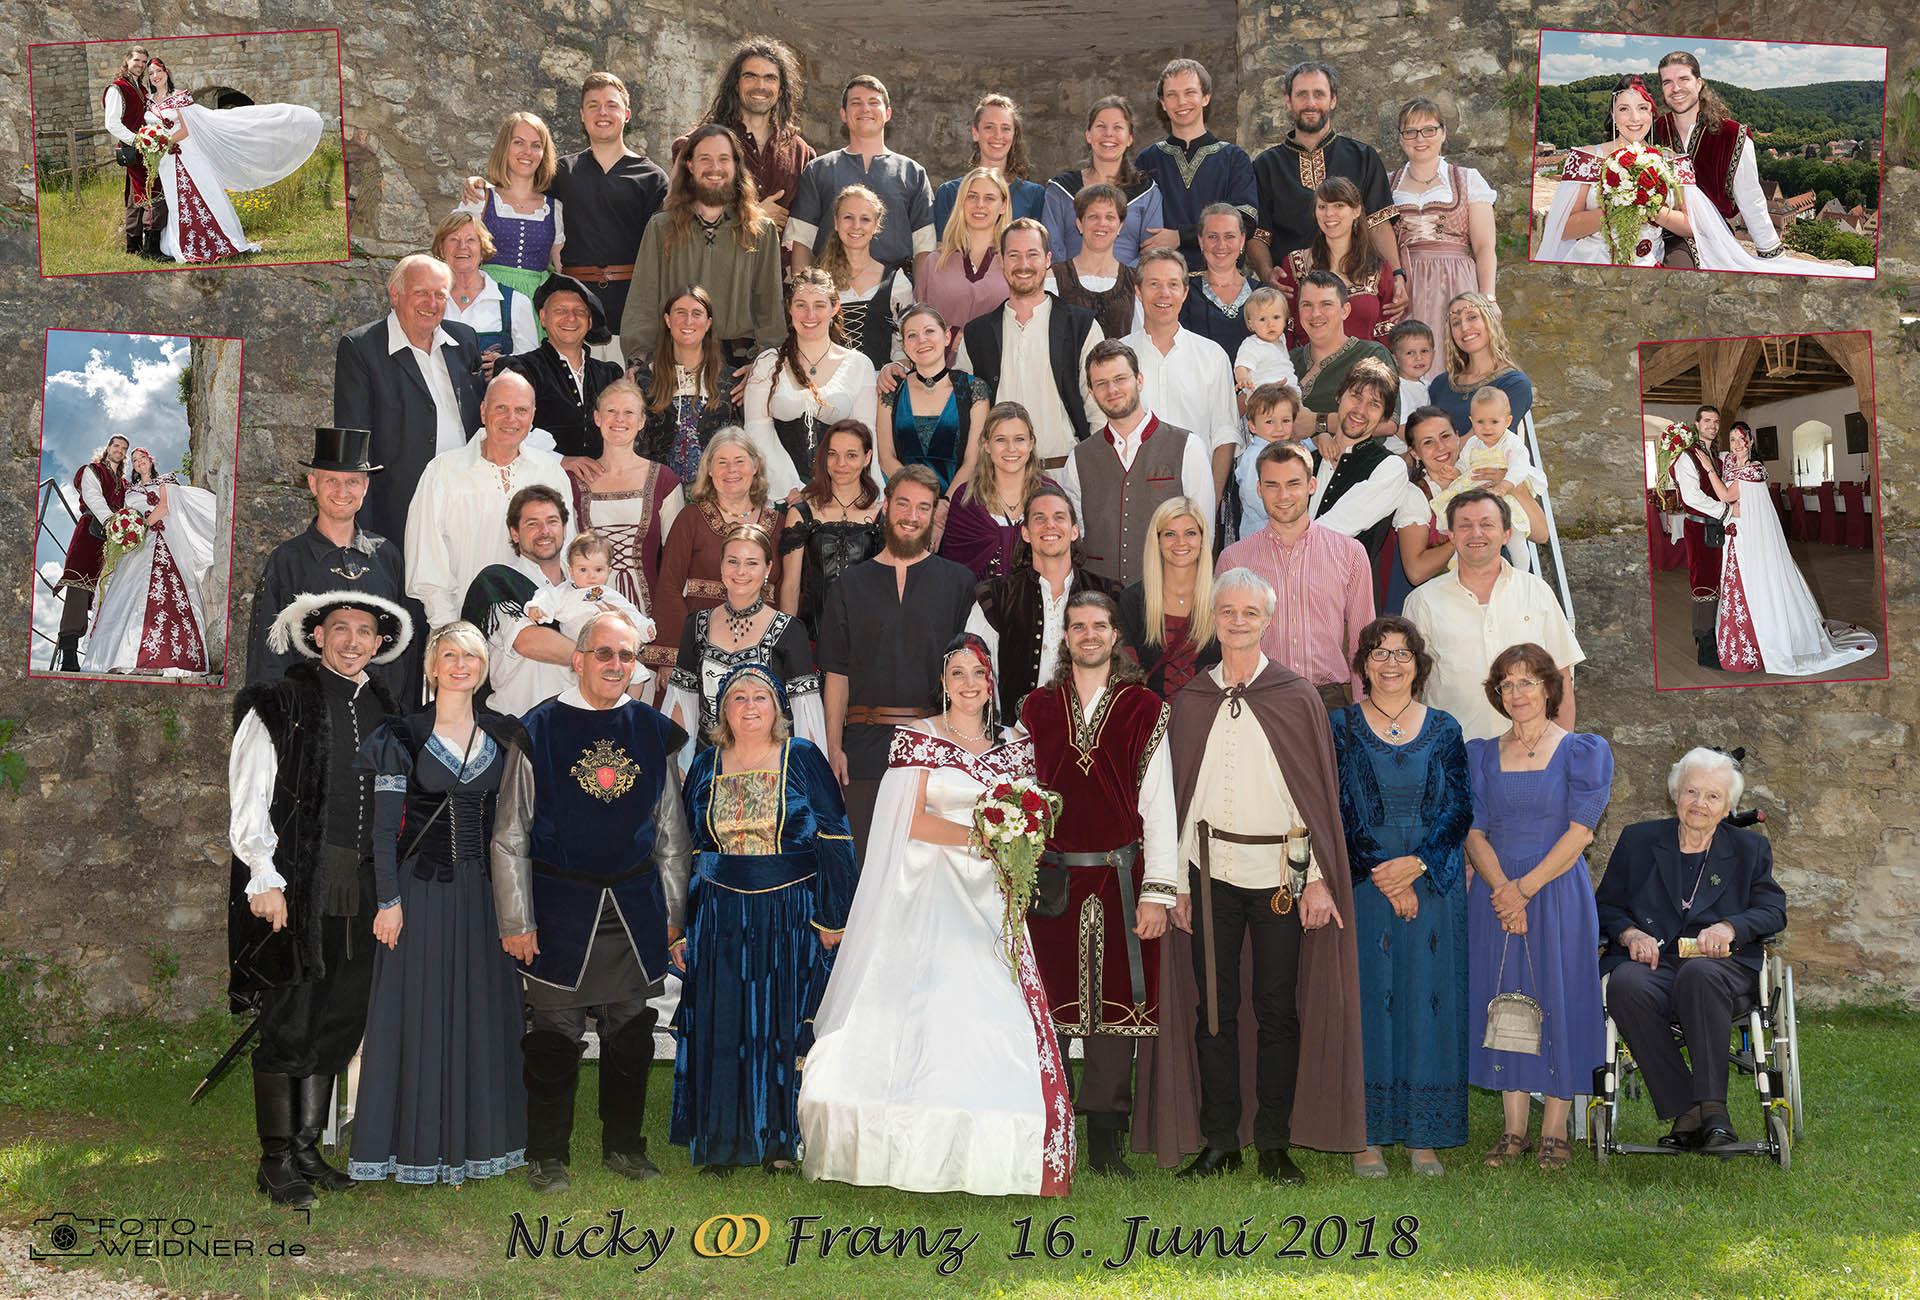 Gruppenfoto der Mittelalterhochzeit auf Burg Pappenheim